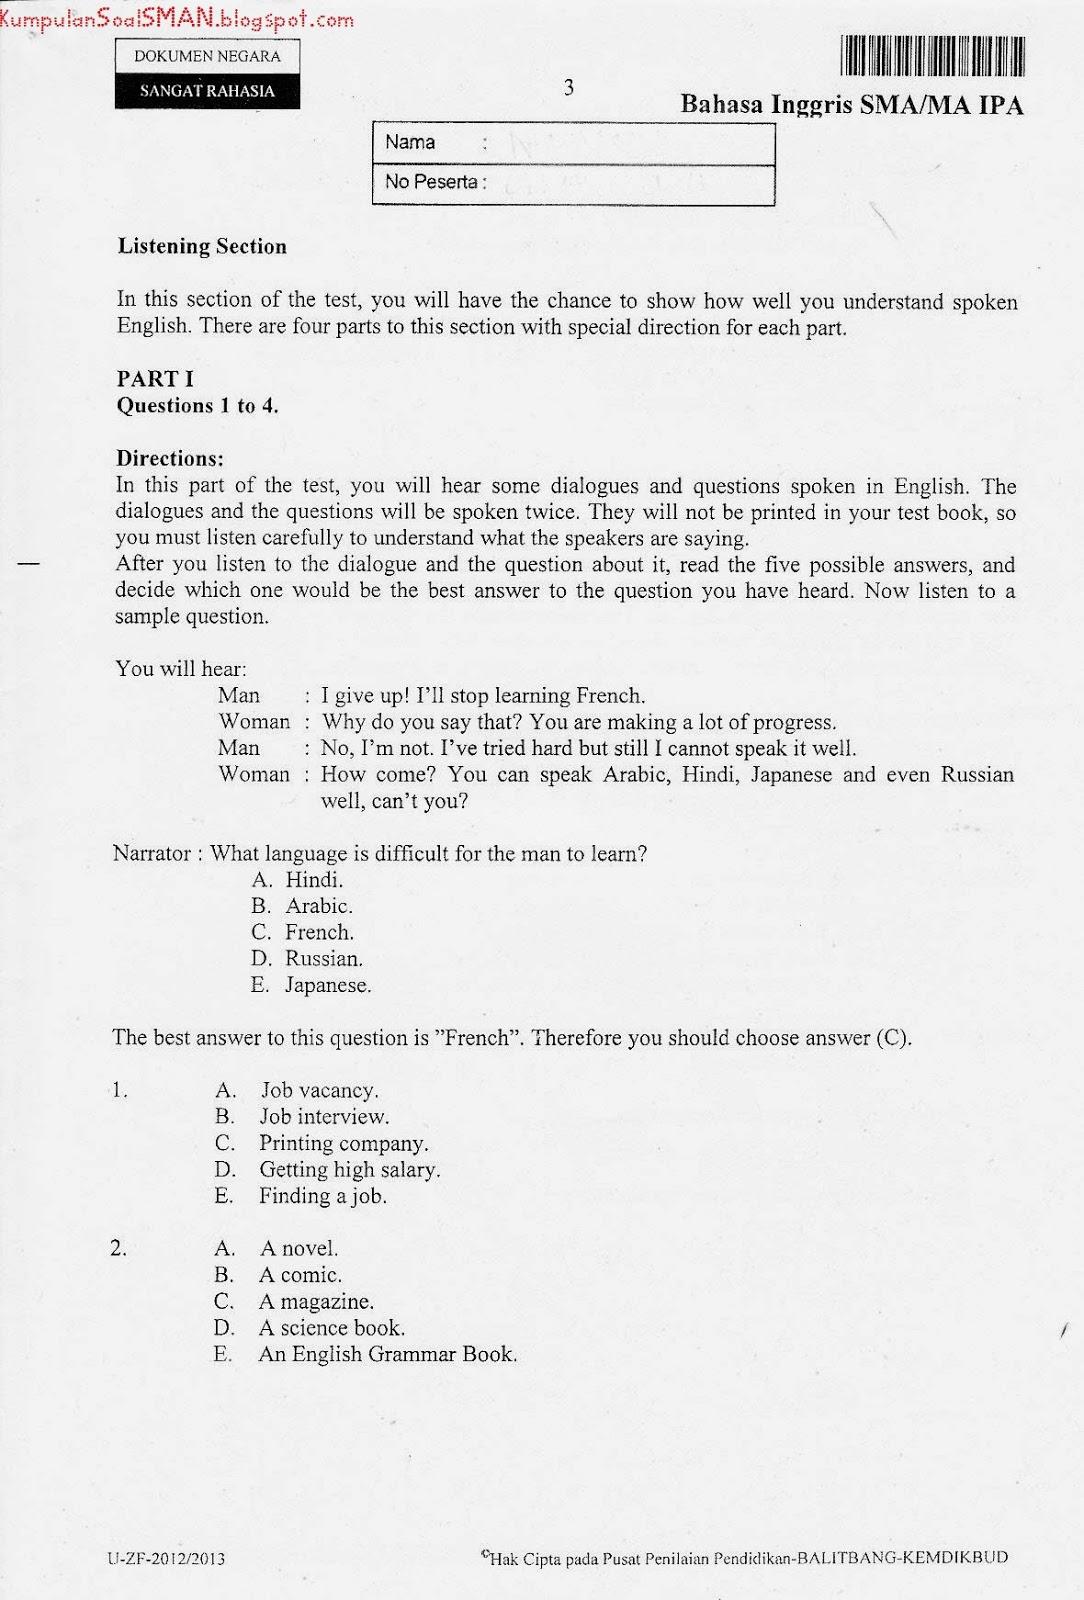 Soal Un Bahasa Inggris Sma Ipa Kode Soal 49 Ta 2012 2013 Download Soal Sma Ma Gratis